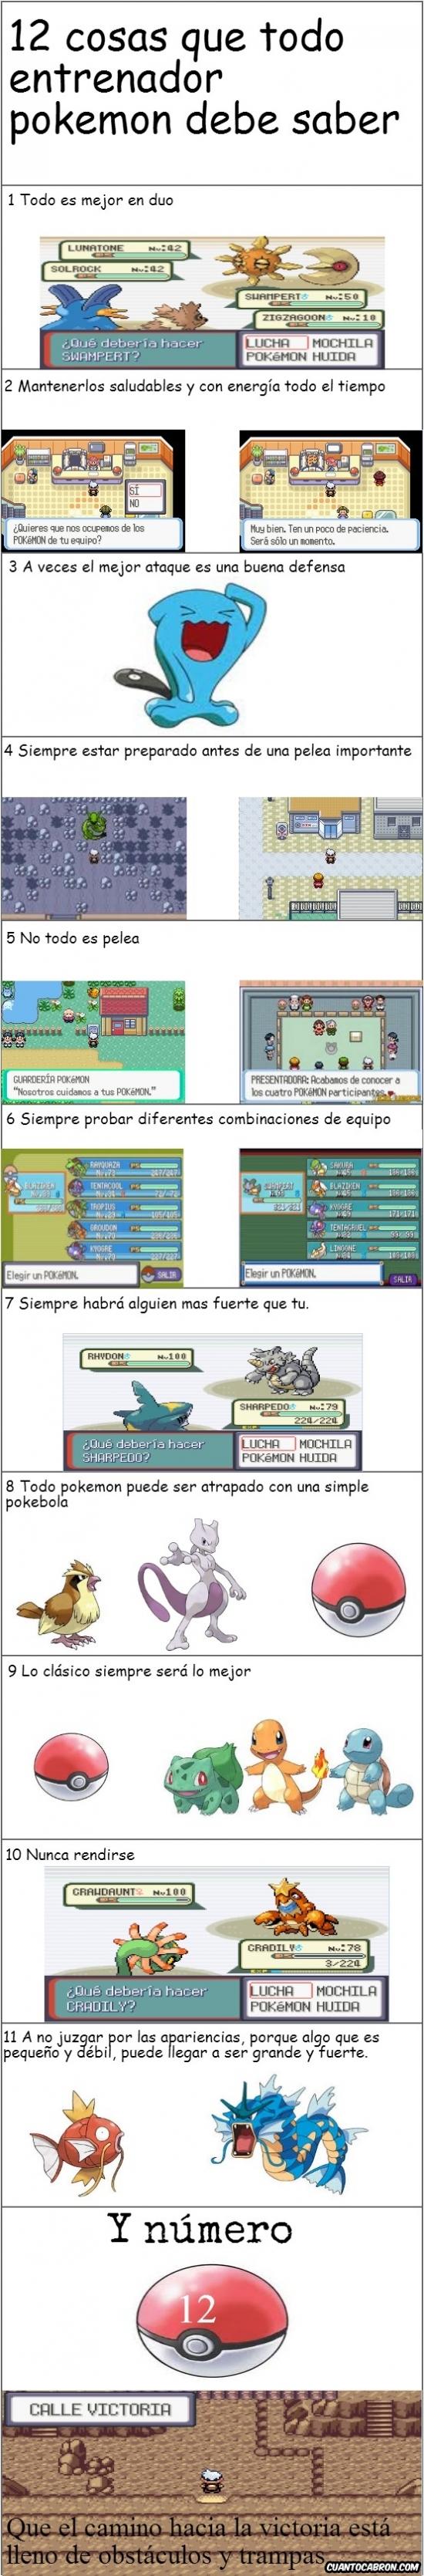 Conocer,Cosas,Entrenador,Pokemon